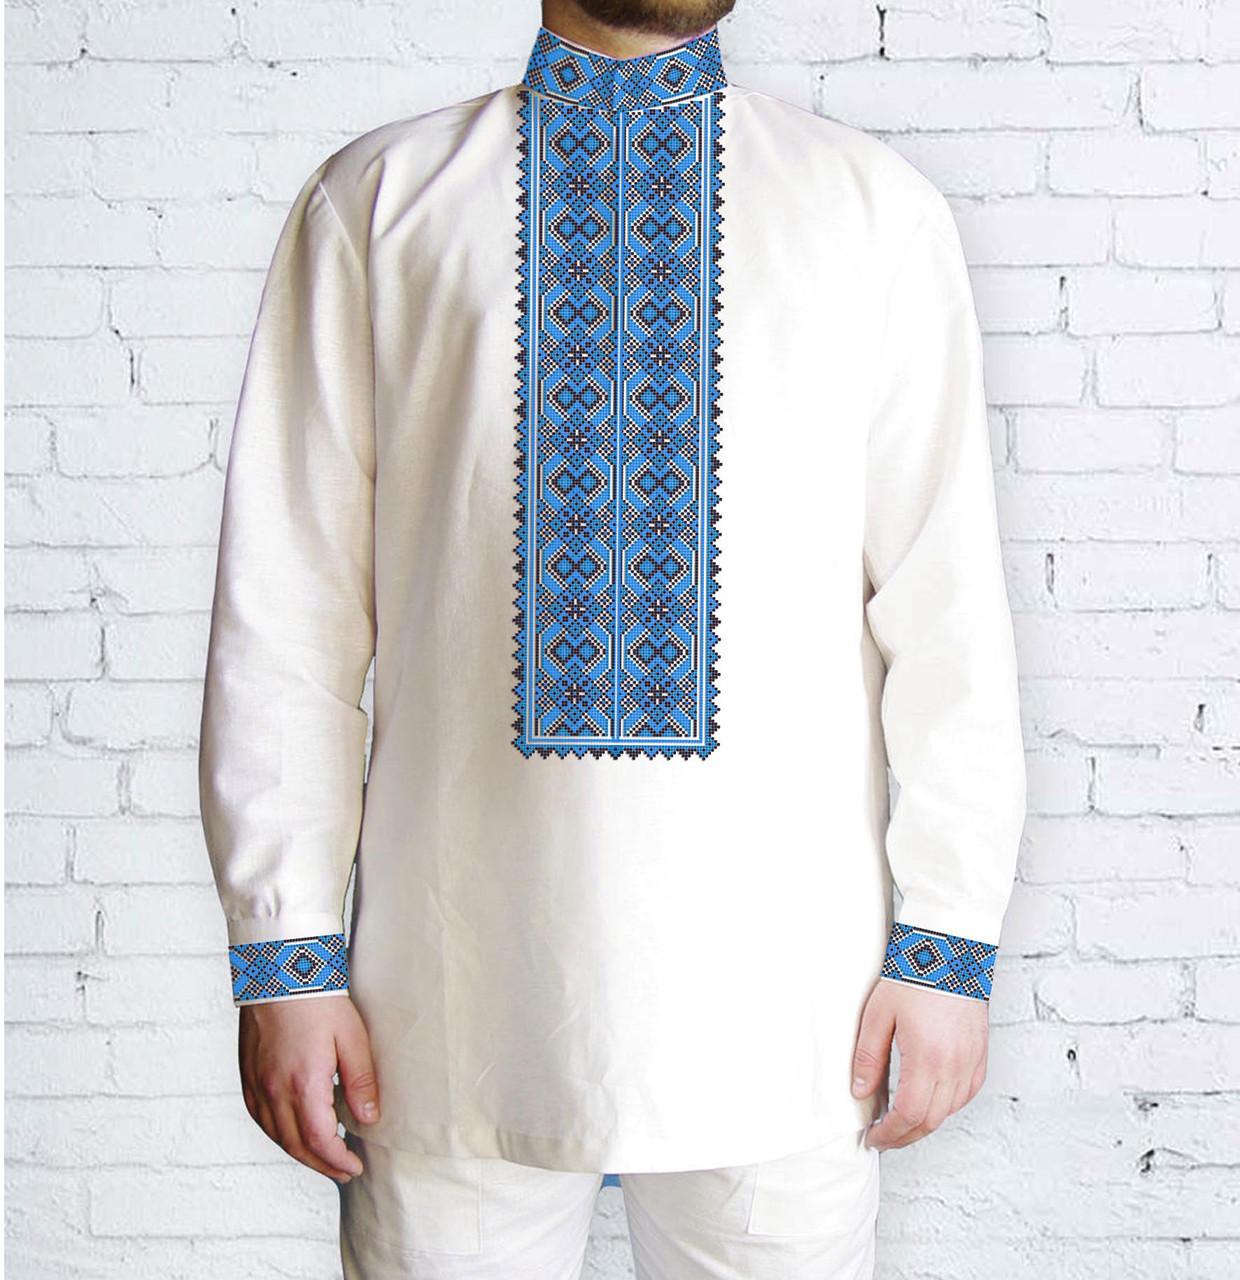 Заготовка мужской рубашки / вышиванки / сорочки для вышивки / вышивания бисером или нитками «Орнамент 537 Г»